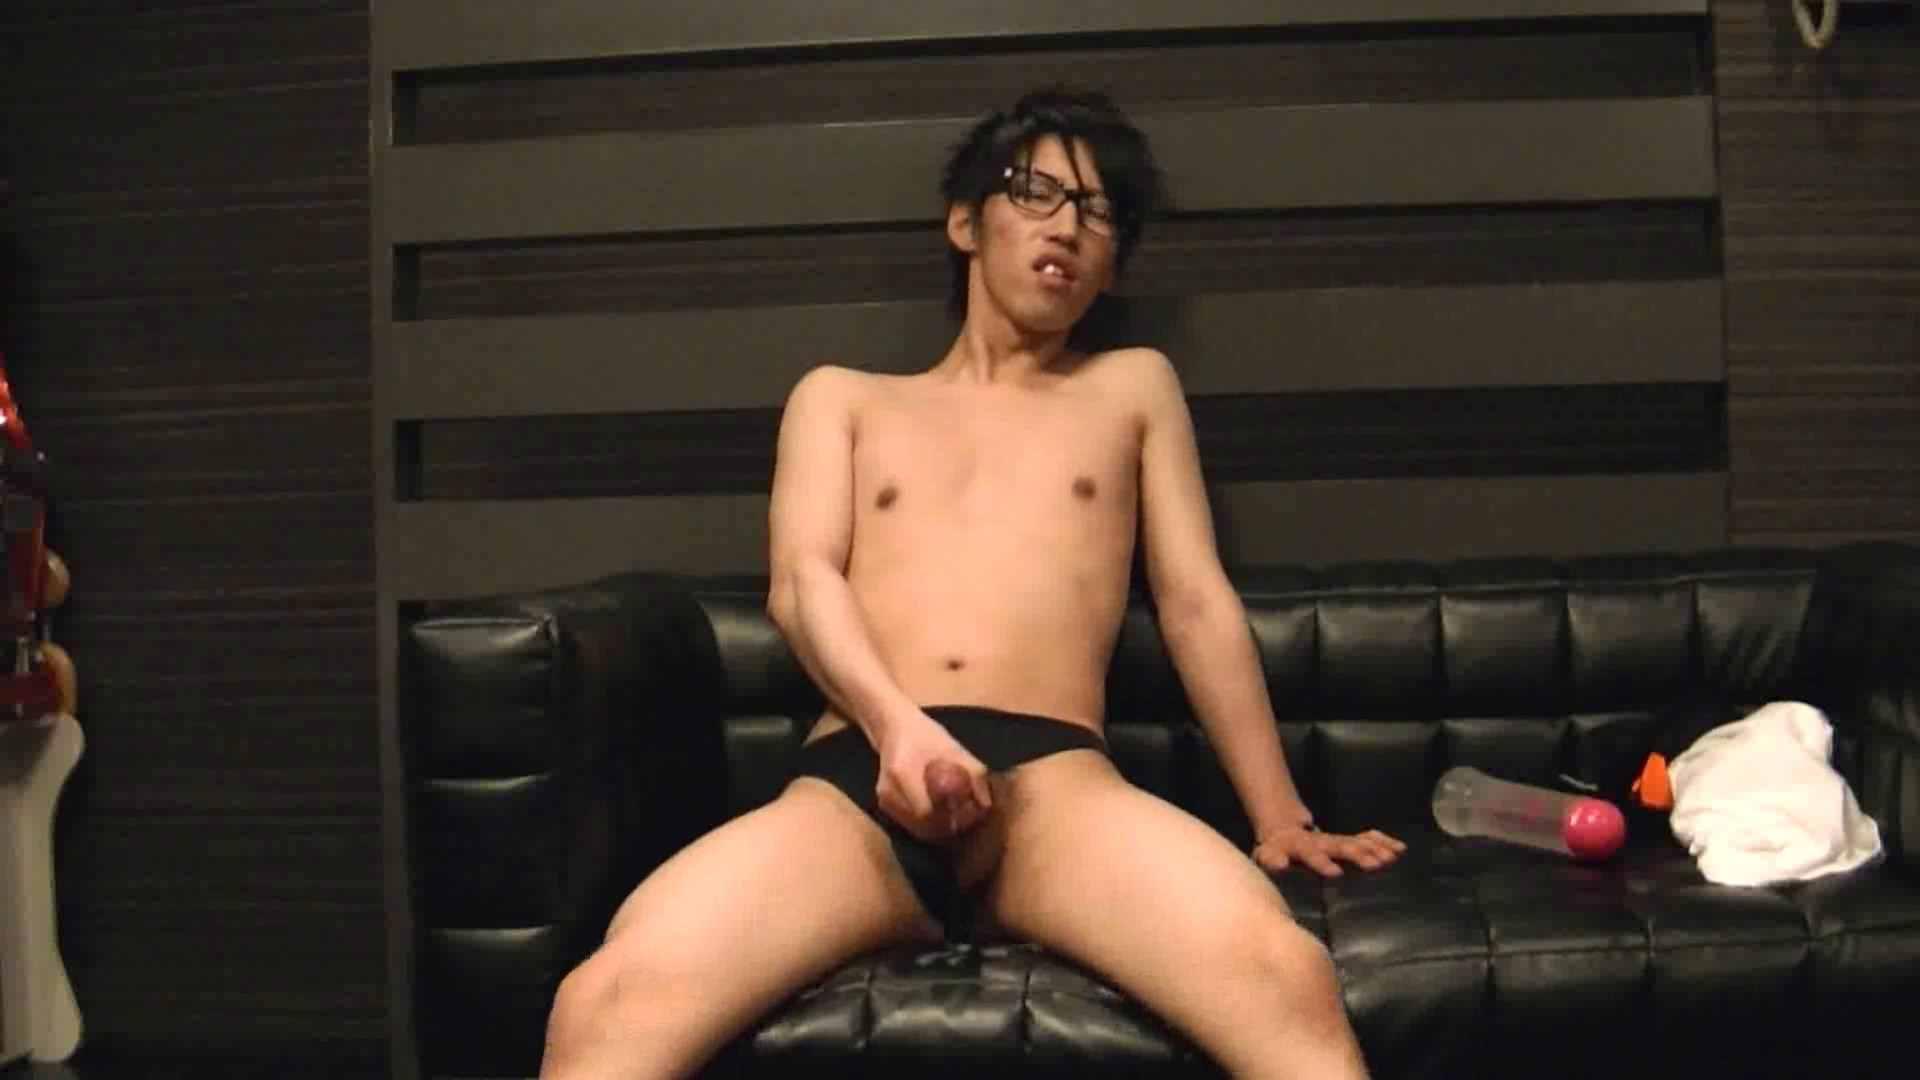 ONA見せカーニバル!! Vol3 ゲイのオナニー映像 | 男祭り  103枚 21